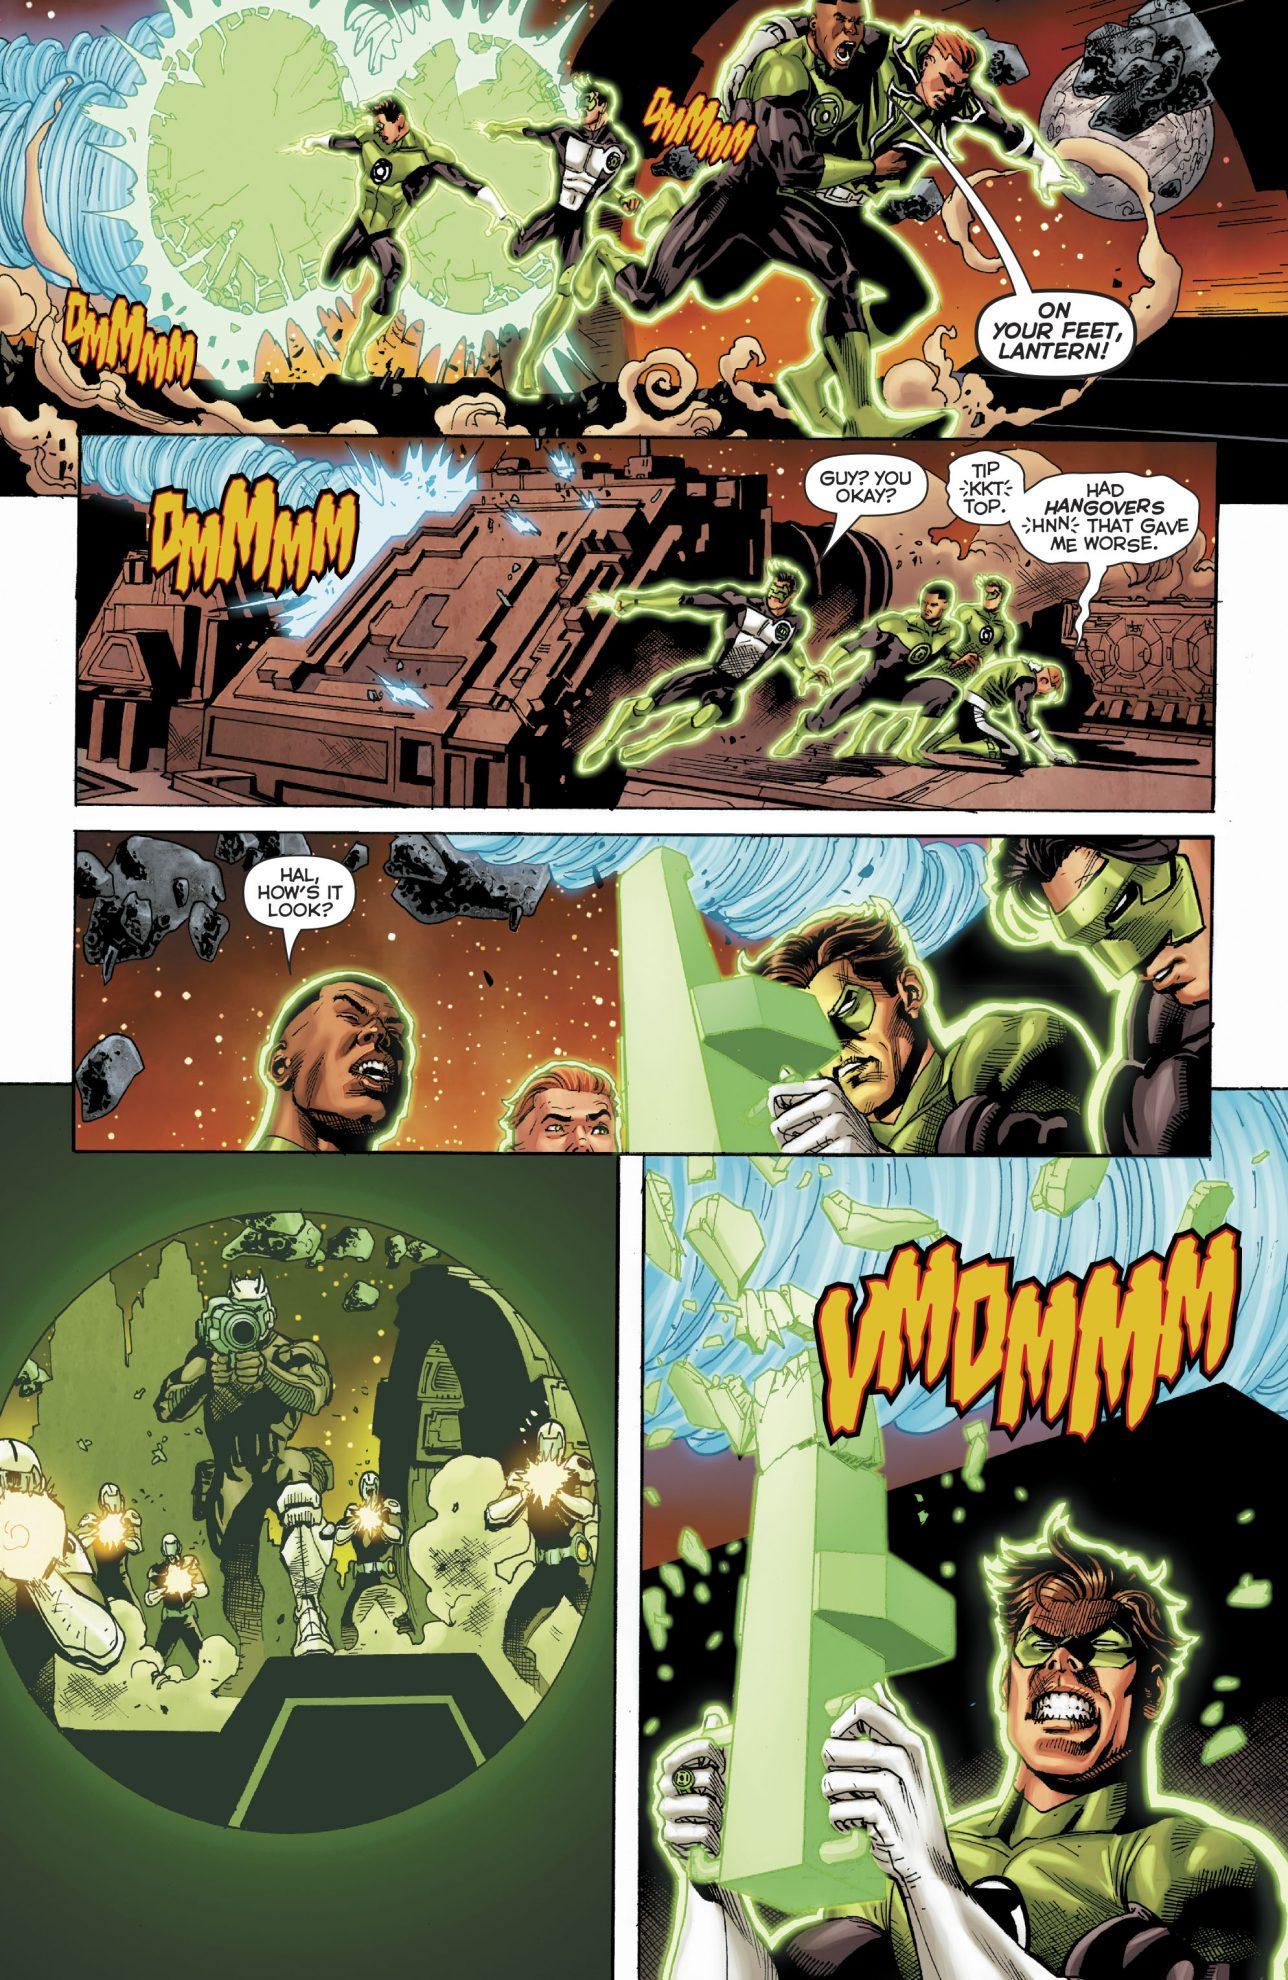 The Corpsemen Attacks The Controller Base